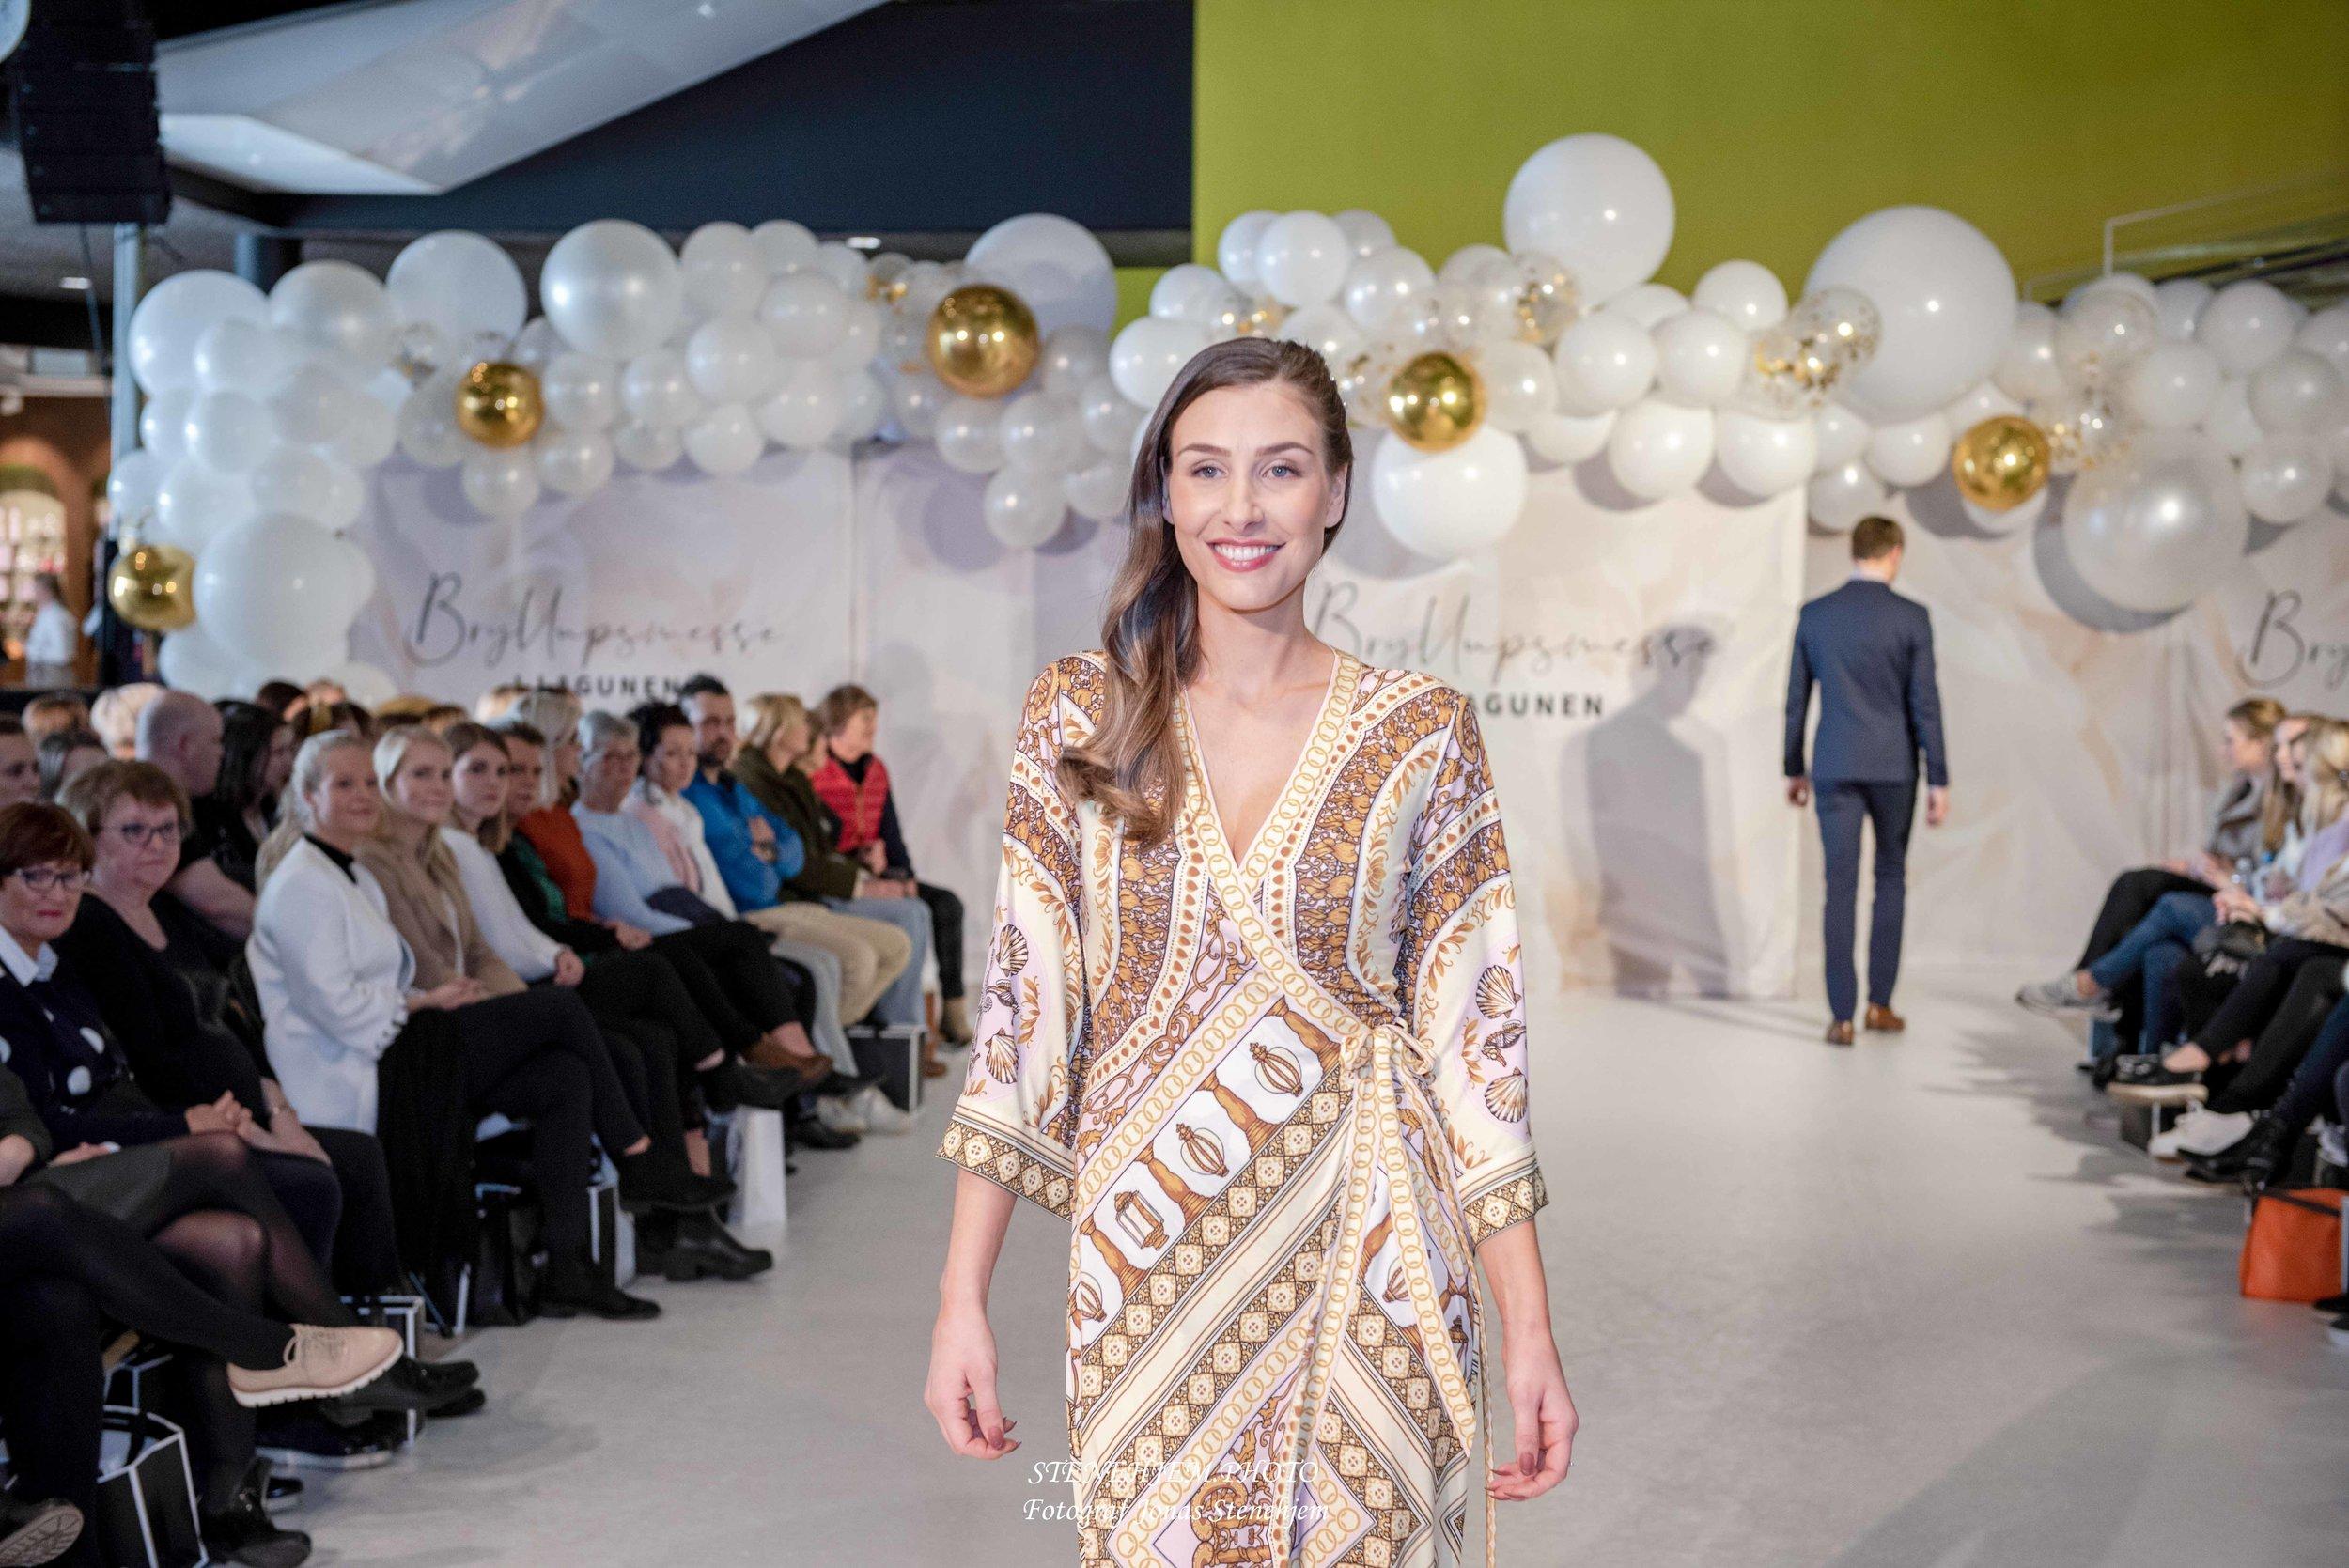 lagunen_fashion_mittaltweddingfair__009.jpg